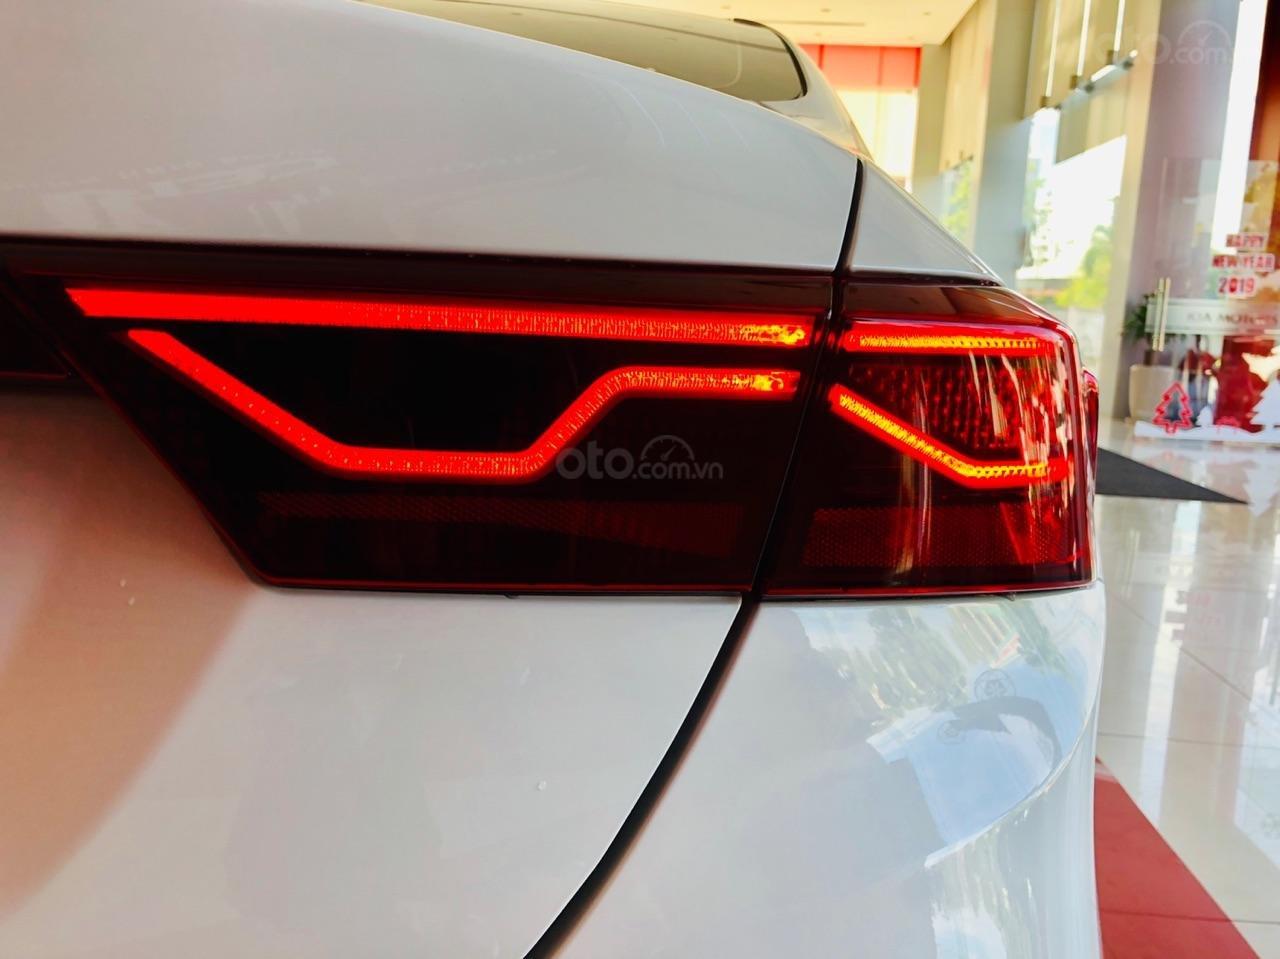 Kia Cerato mới 2019 - Tặng bảo hiểm vật chất xe - Tặng phụ kiện - Gói bảo dưỡng 20.000 km - LH Ngay 0934.075.248-8